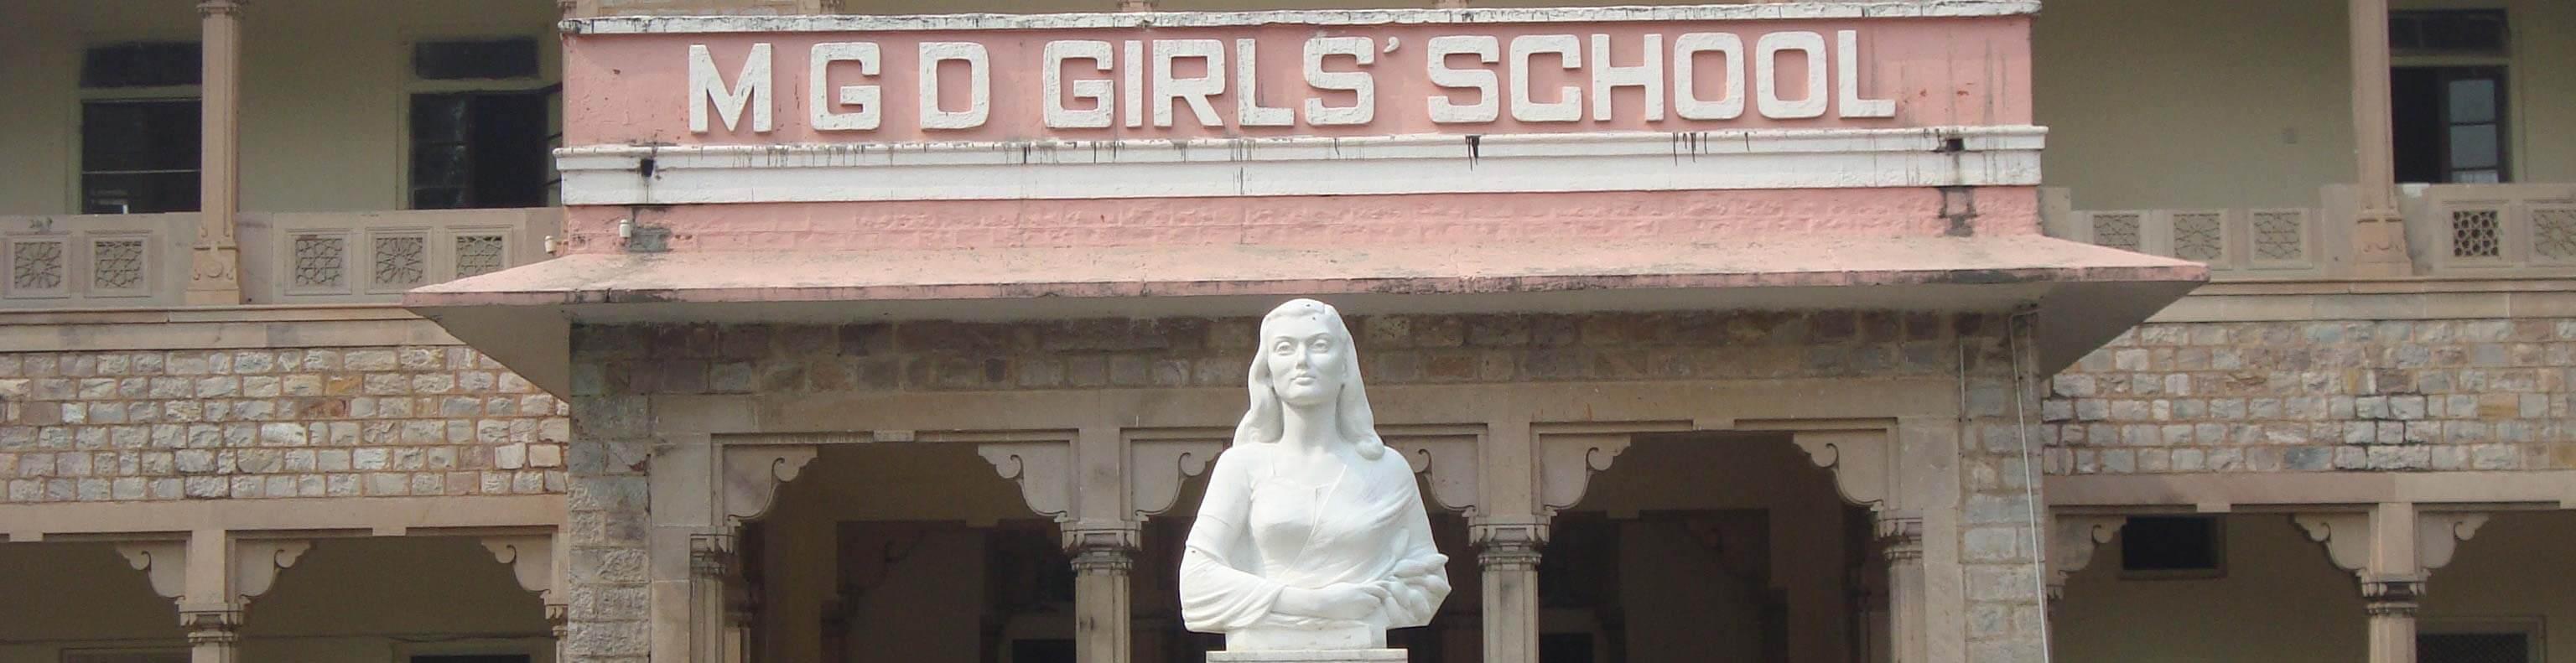 MGD Banner Image